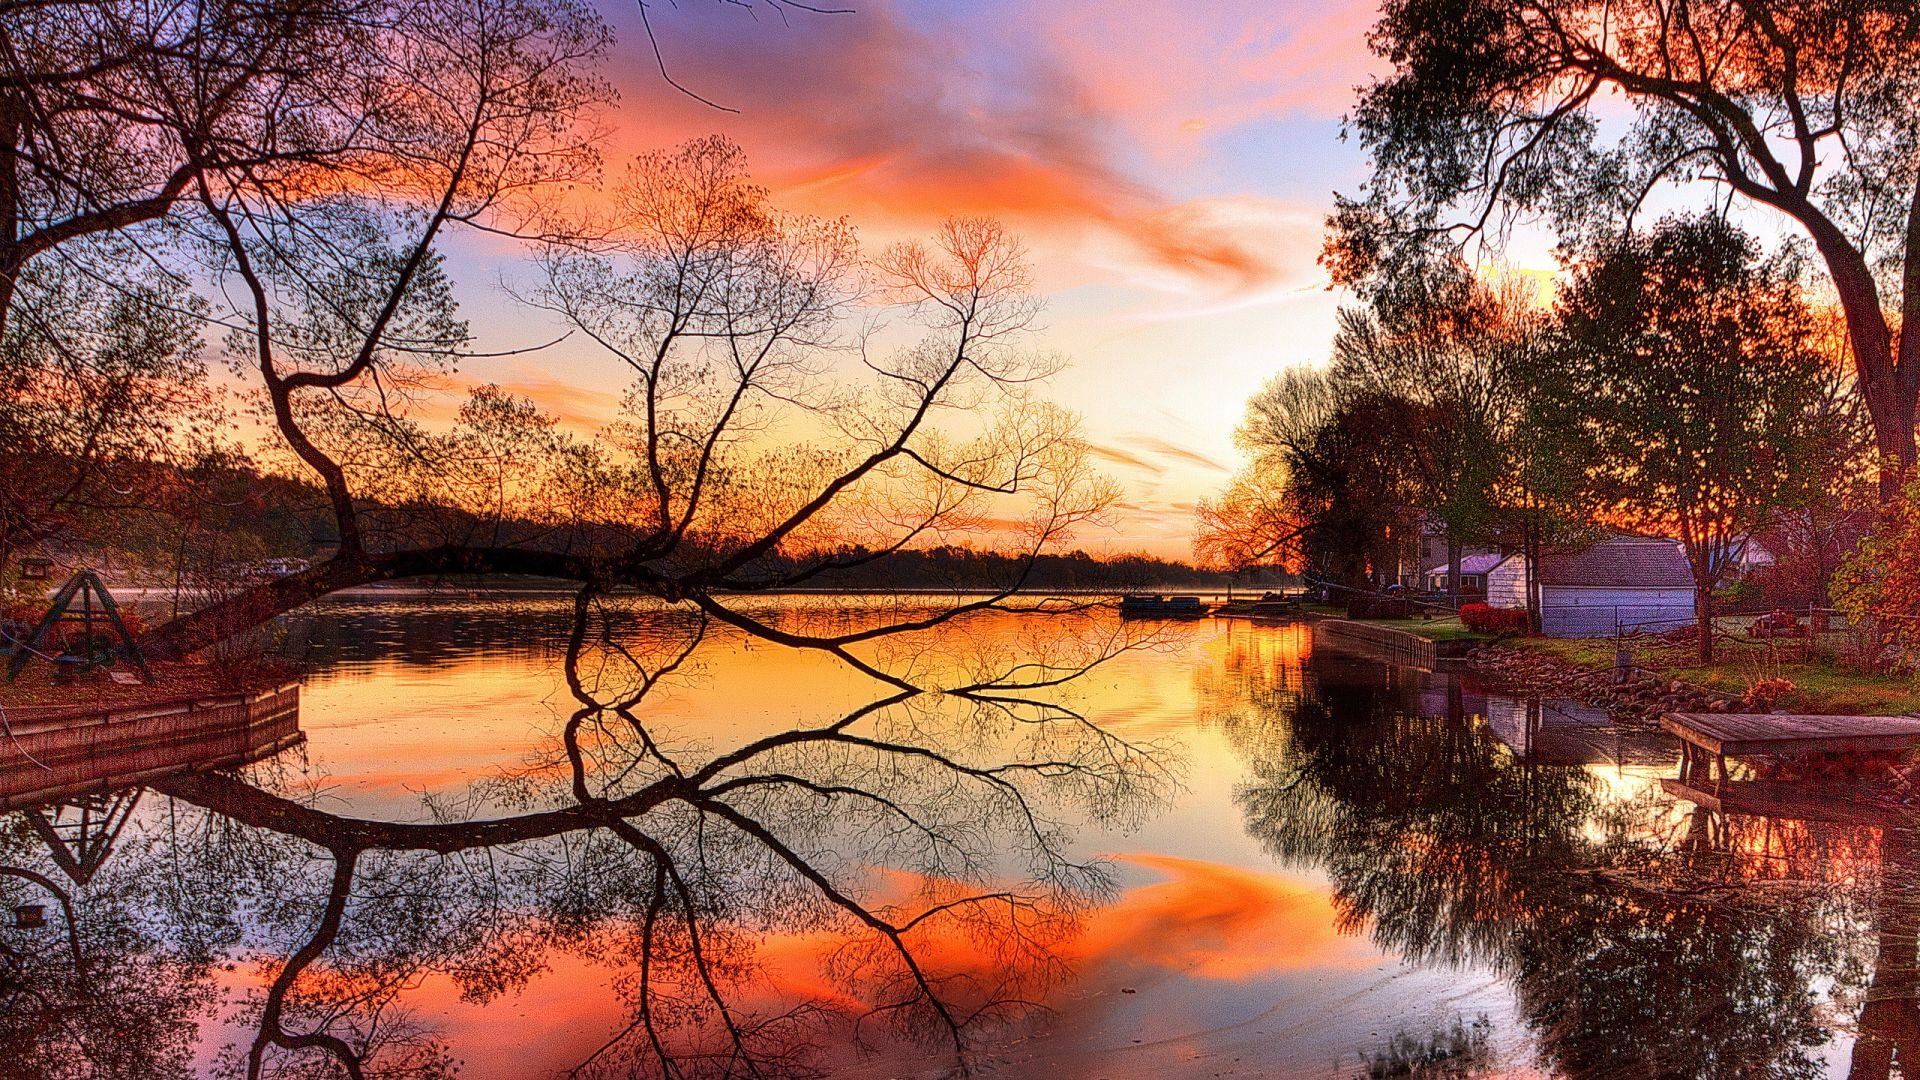 Reflet coucher de soleil sur le lac - 10 000 Fonds d'écran HD gratuits et de qualité ! Wallpapers HD